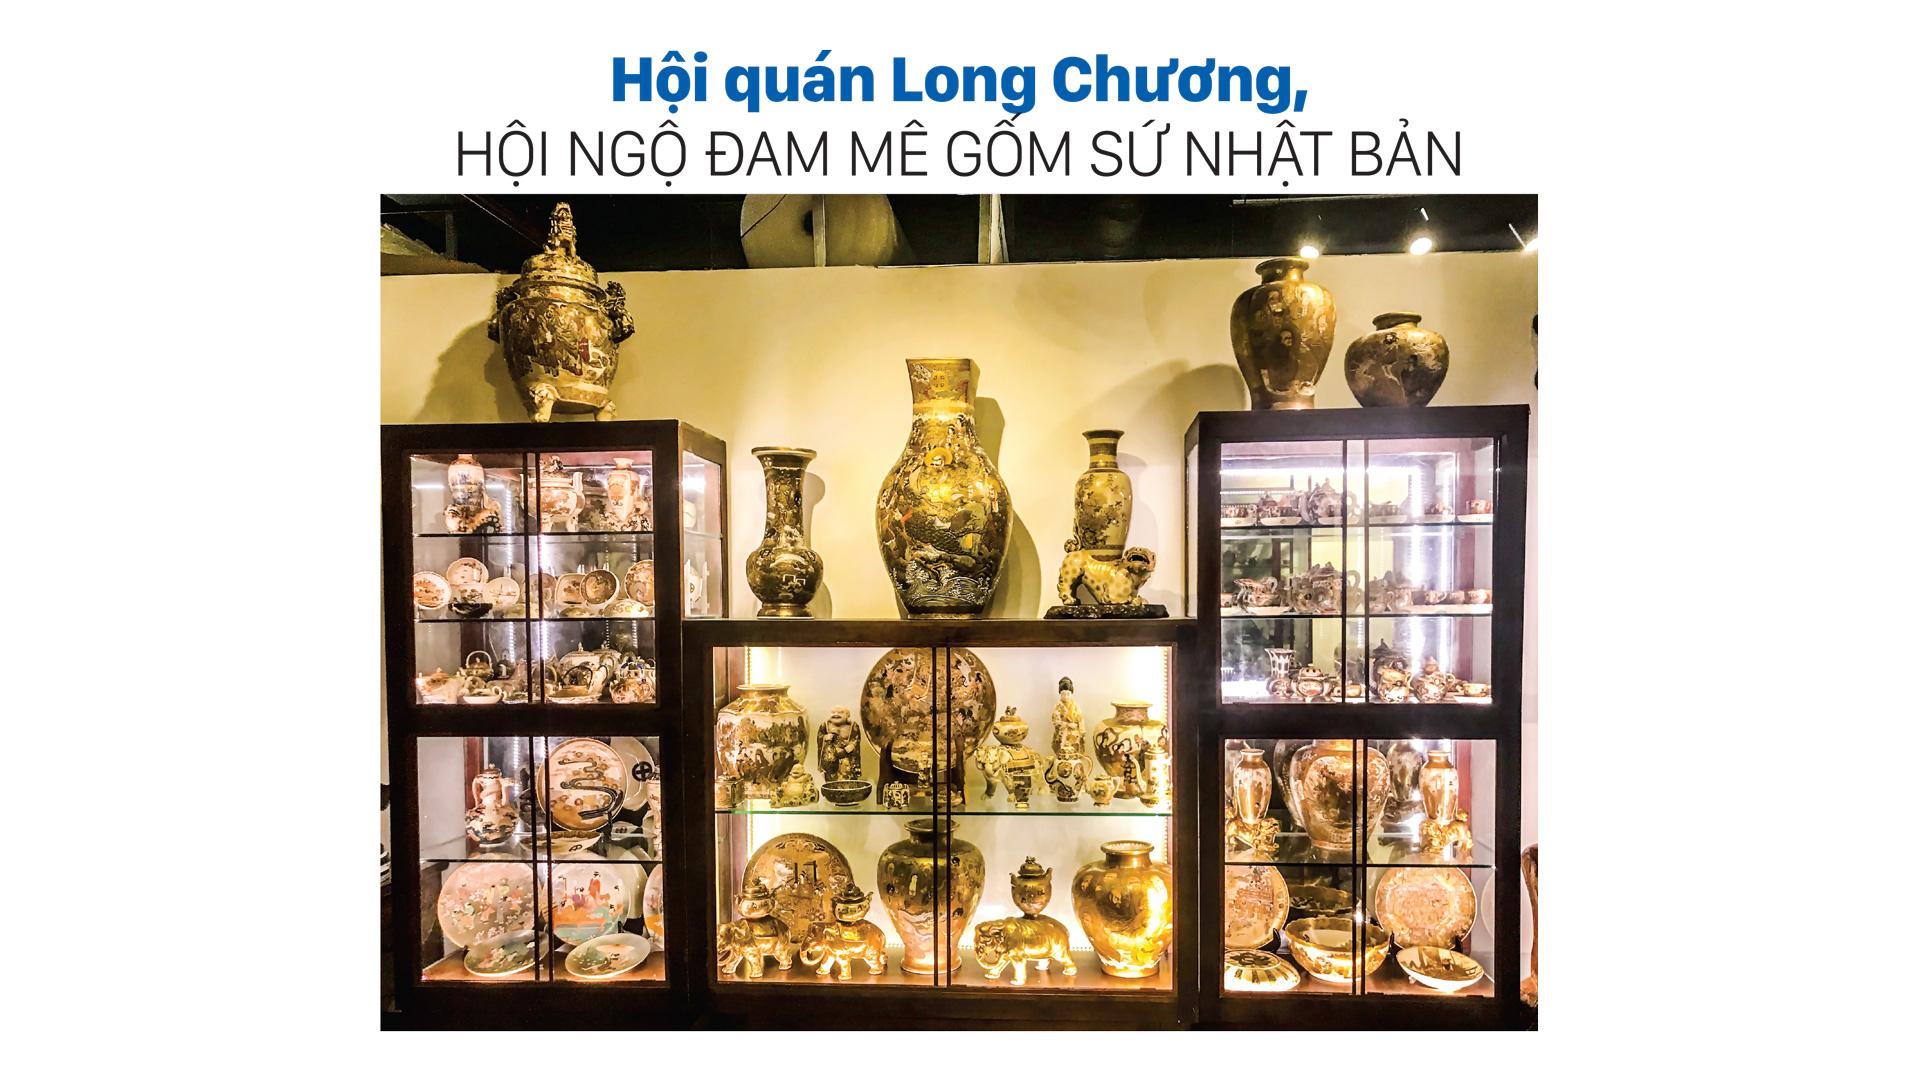 Hội quán Long Chương, hội ngộ đam mê gốm sứ Nhật Bản